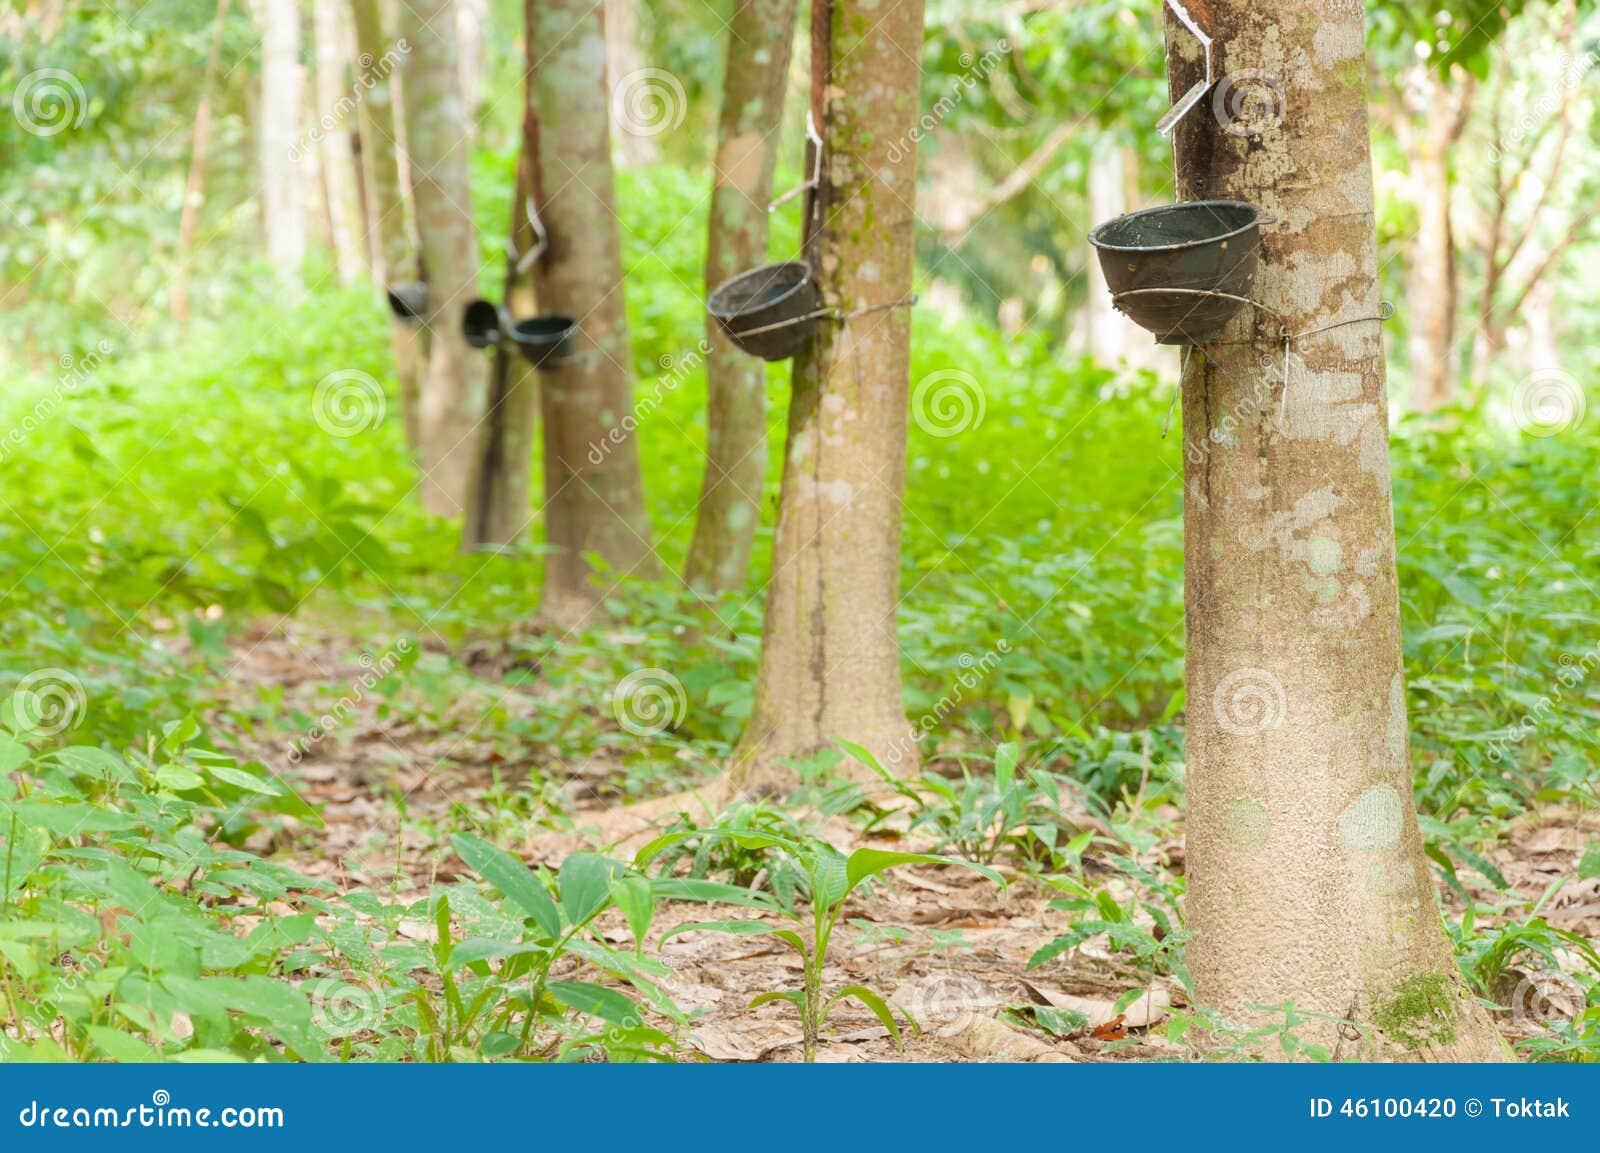 Melkachtig die latex uit rubberboom wordt gehaald (Hevea Brasiliensis)